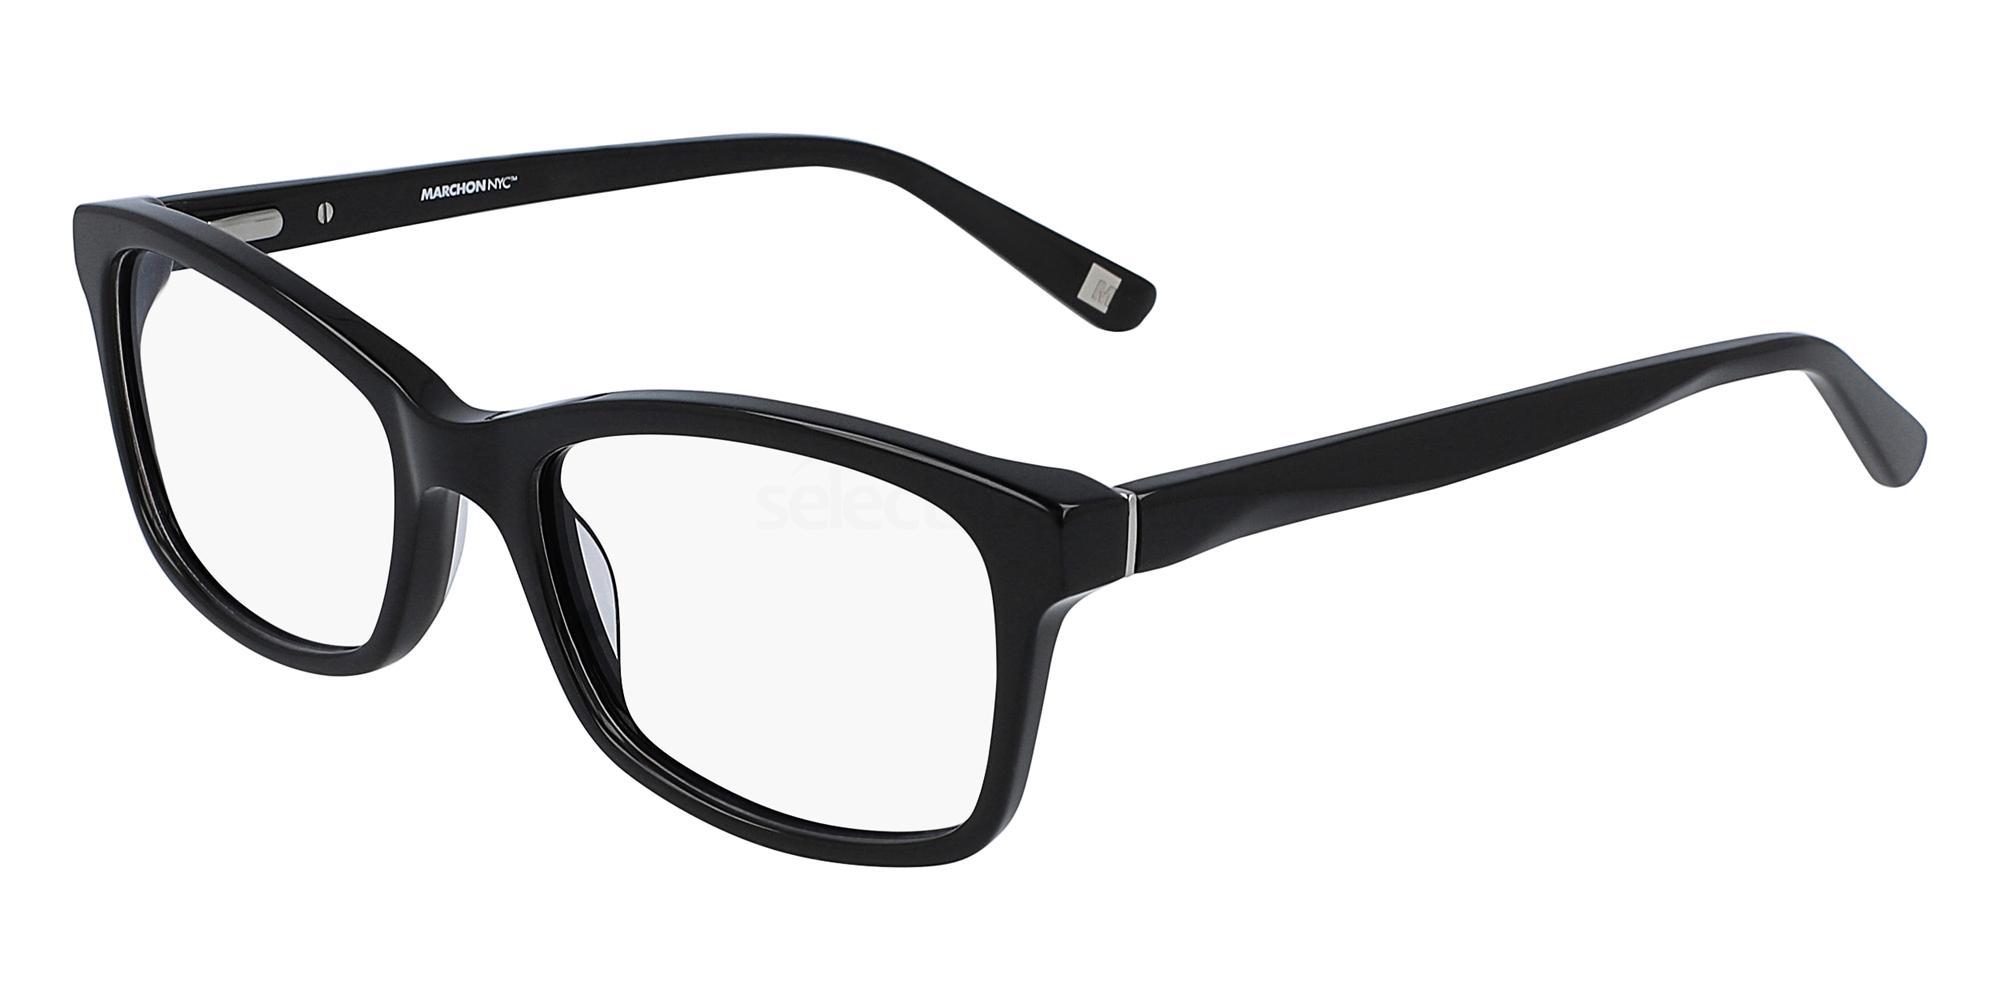 001 M-5007 Glasses, Marchon